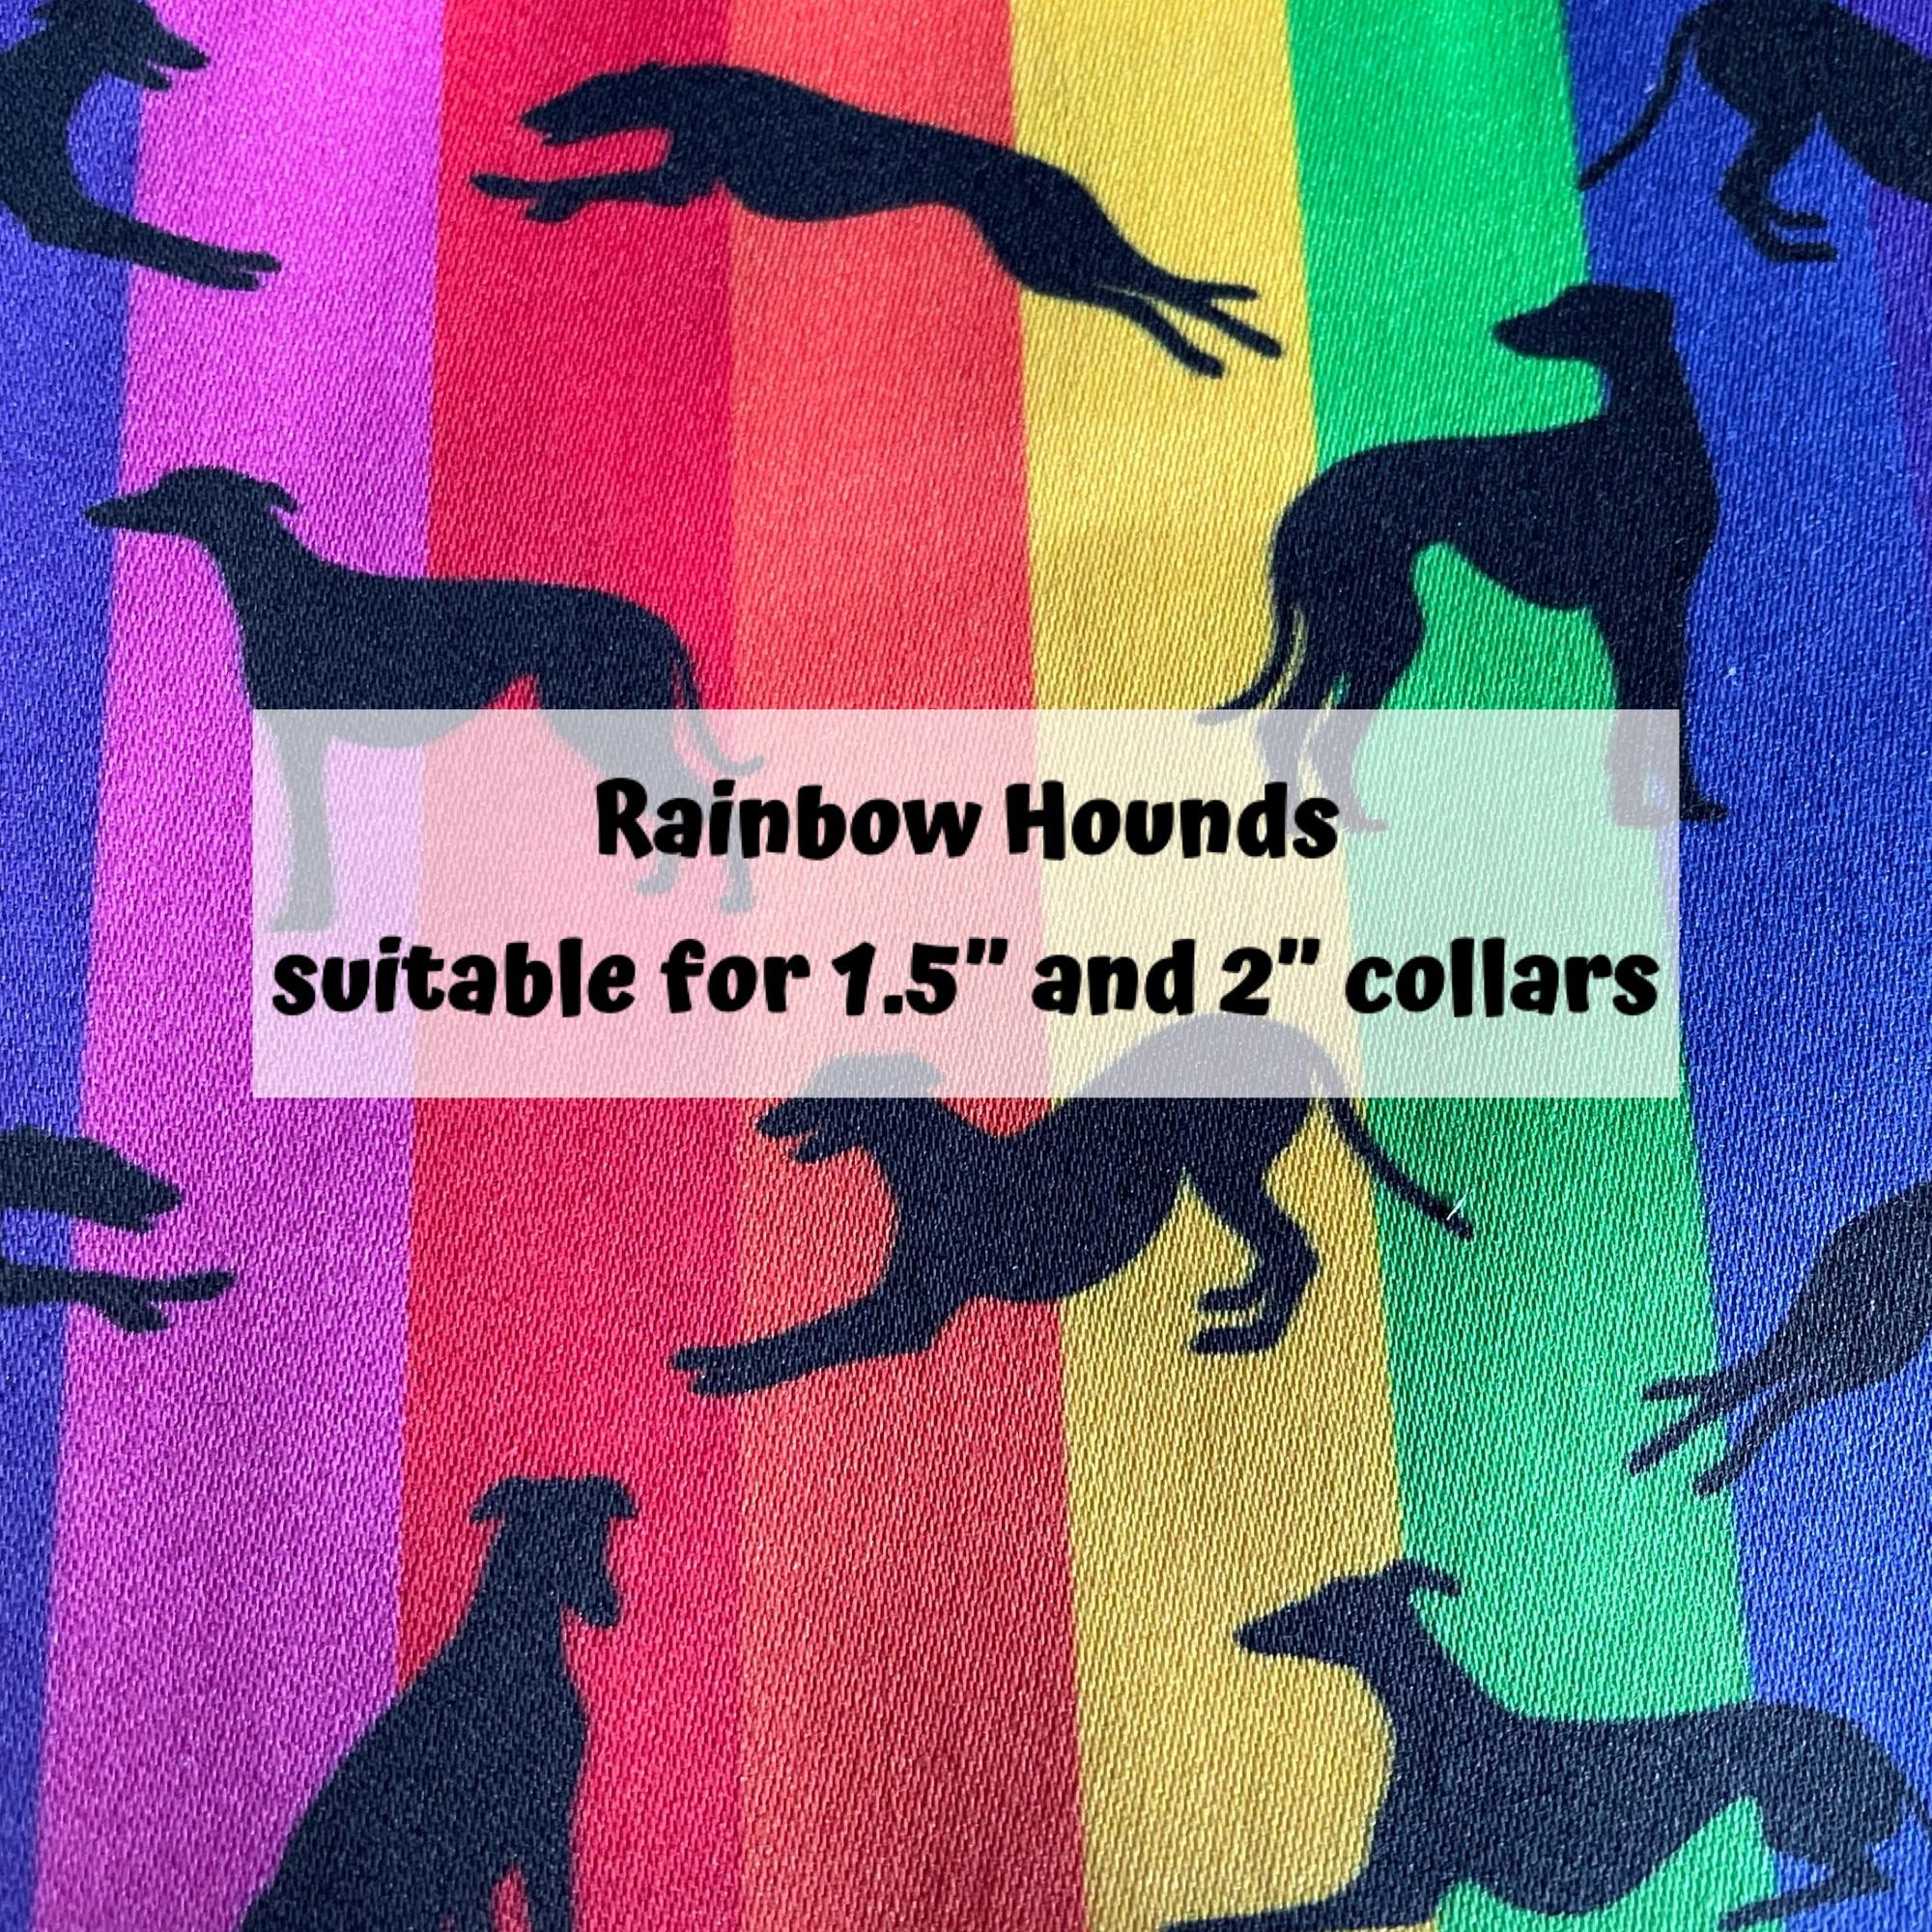 Rainbow Hounds